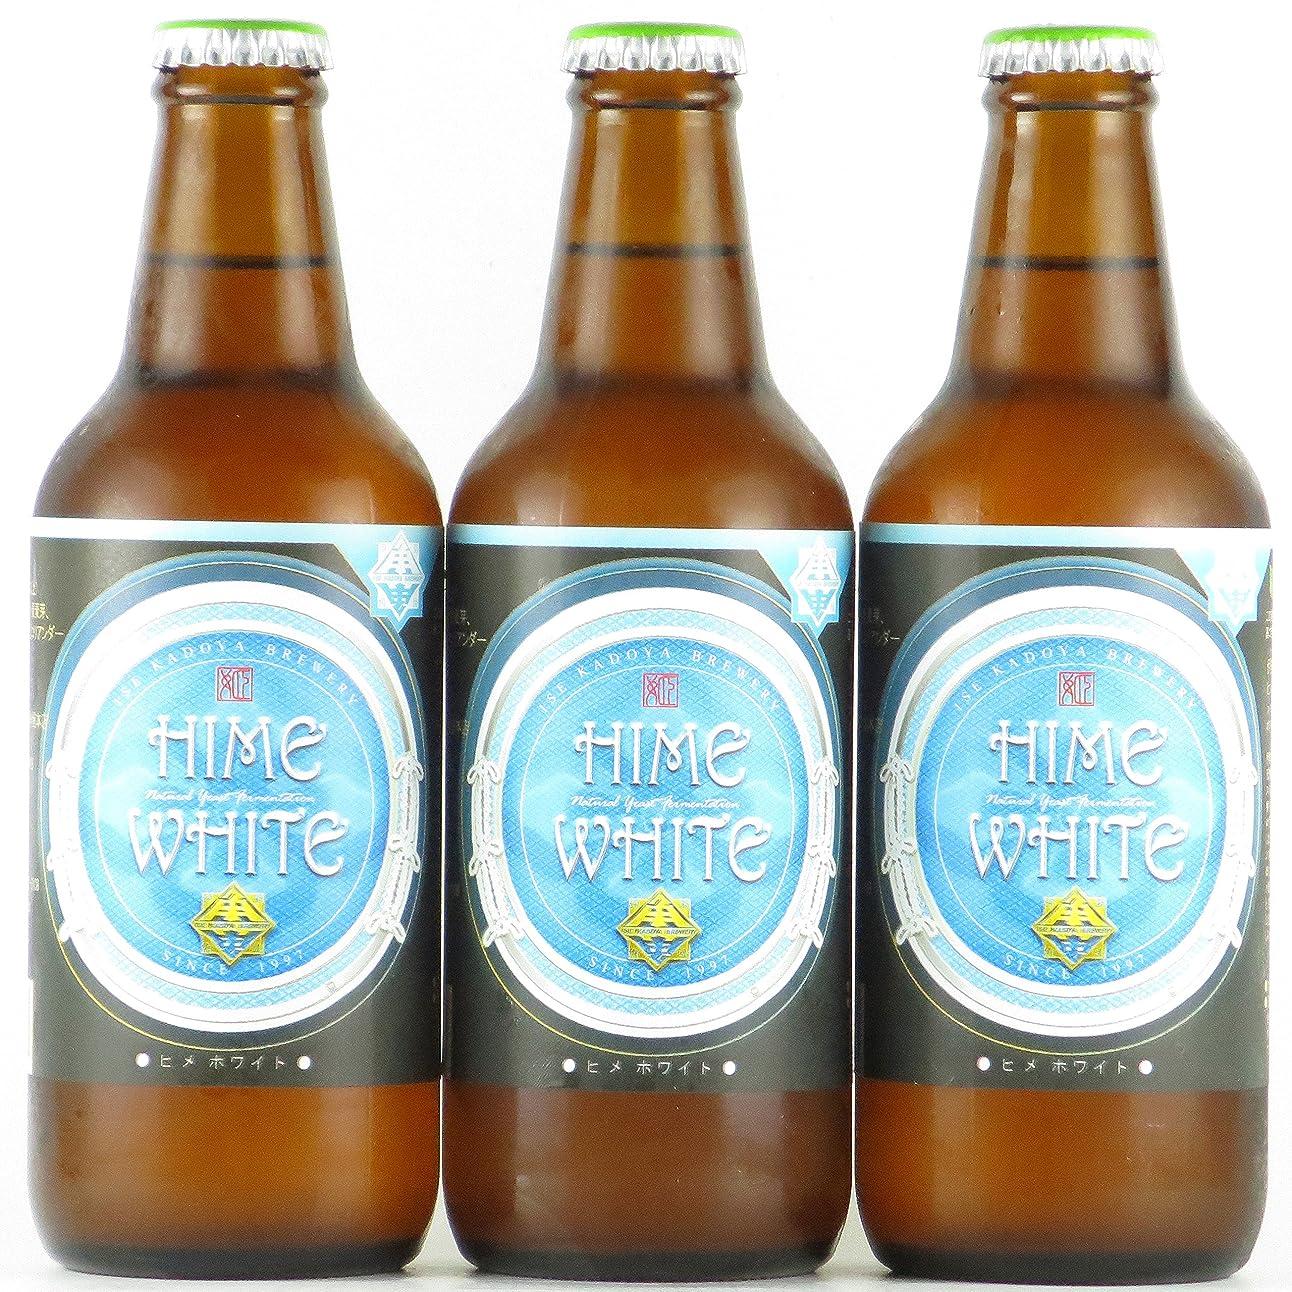 周辺ストレス前述の伊勢角屋麦酒 ヒメ ホワイト 330ml×3本 クラフトビール